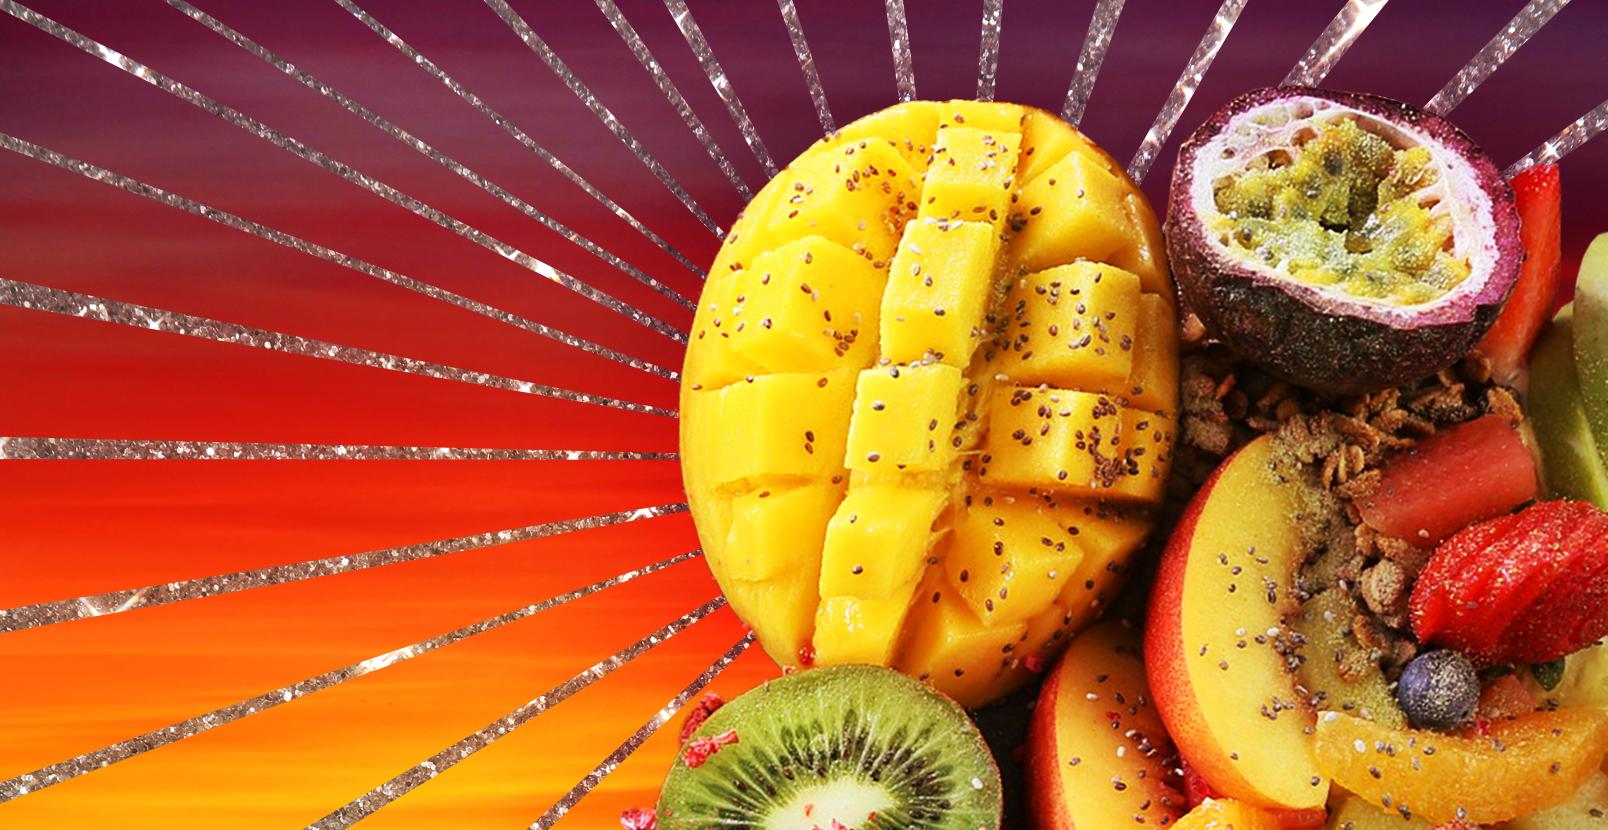 Come tagliare il mango a cubetti? Domandona!